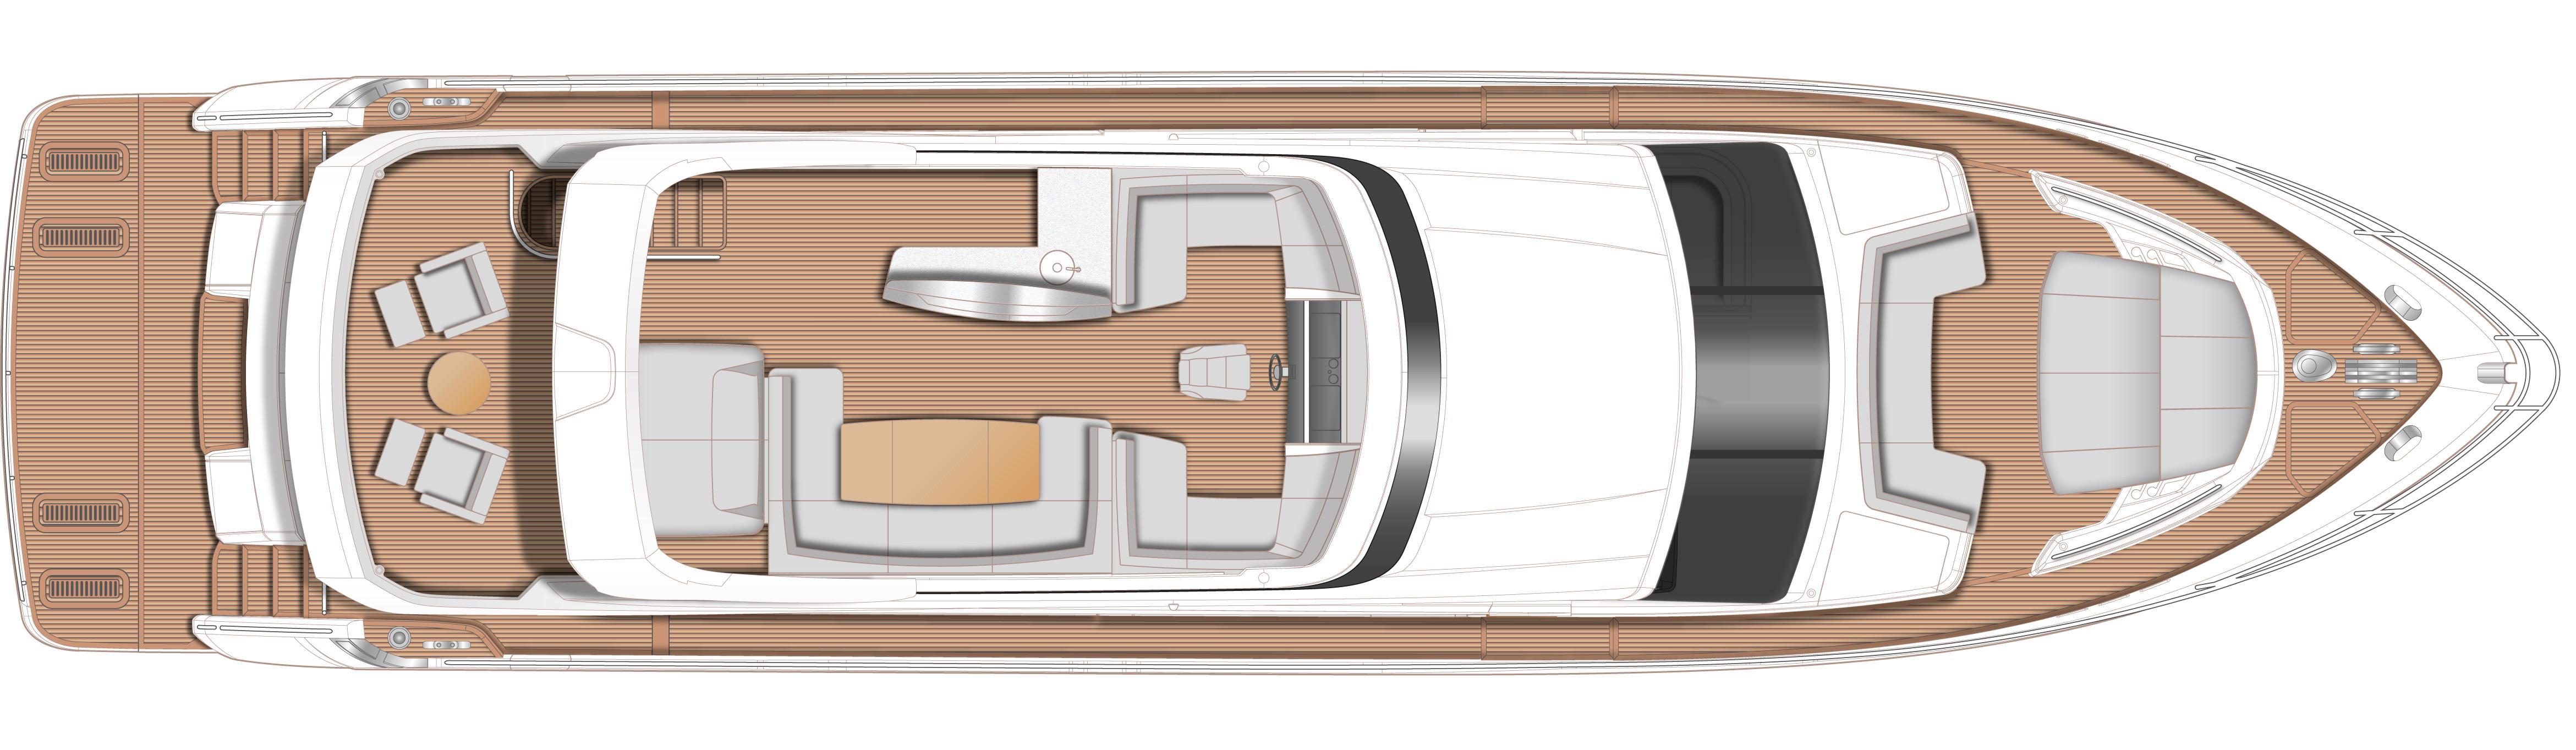 Princess Y78 Motor Yacht